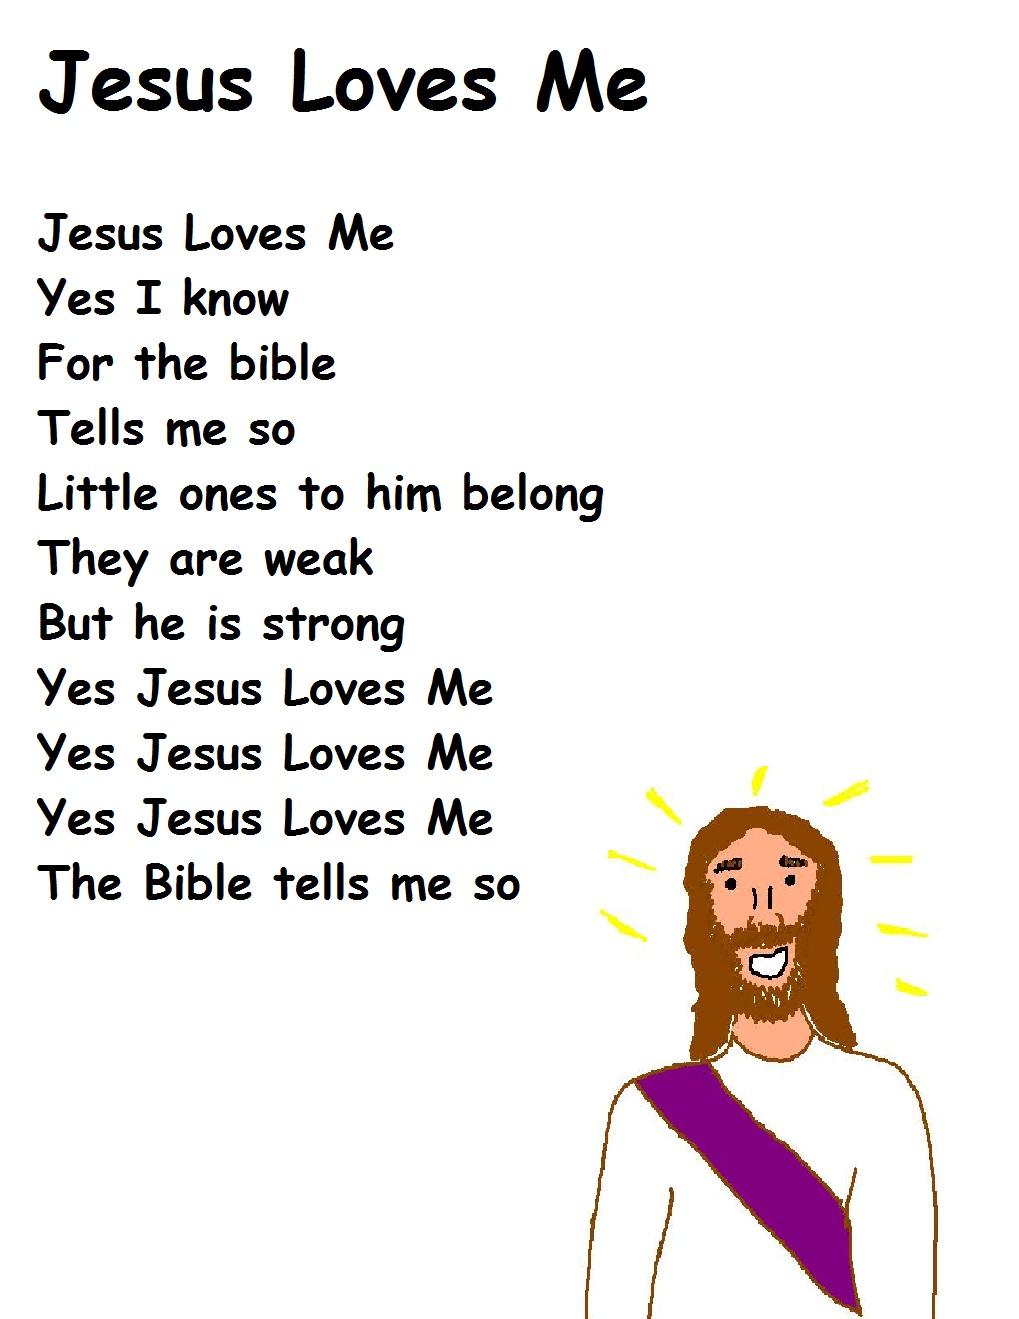 loves lyrics: